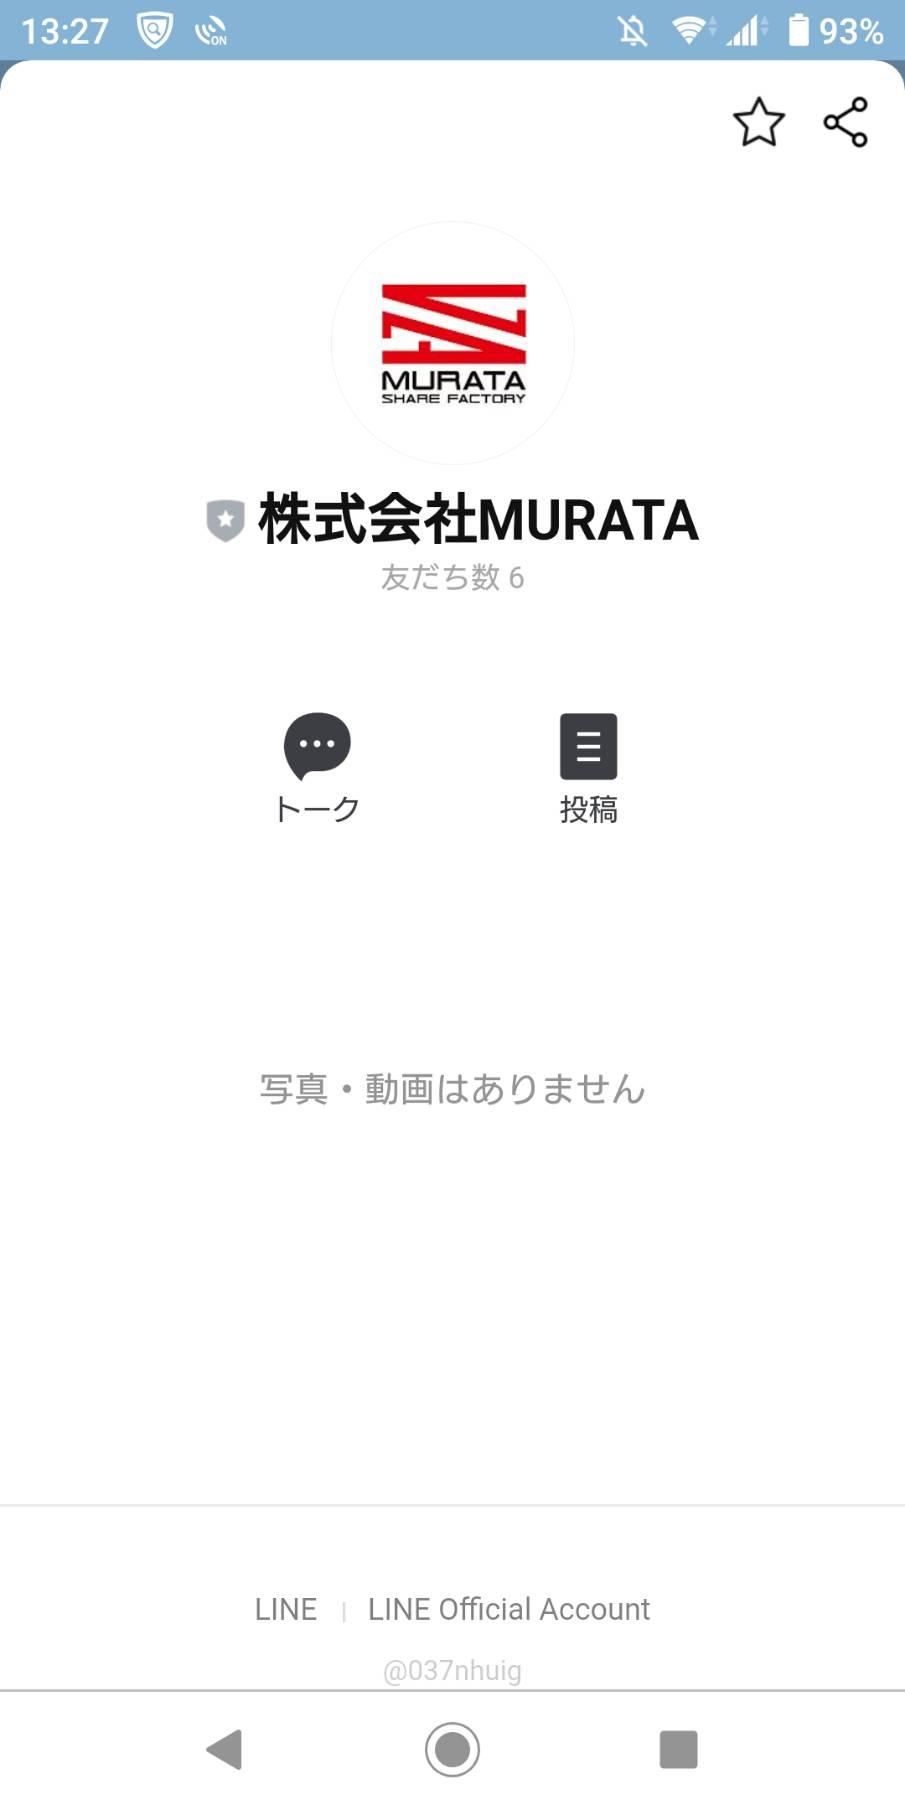 ムラタ 株式 会社